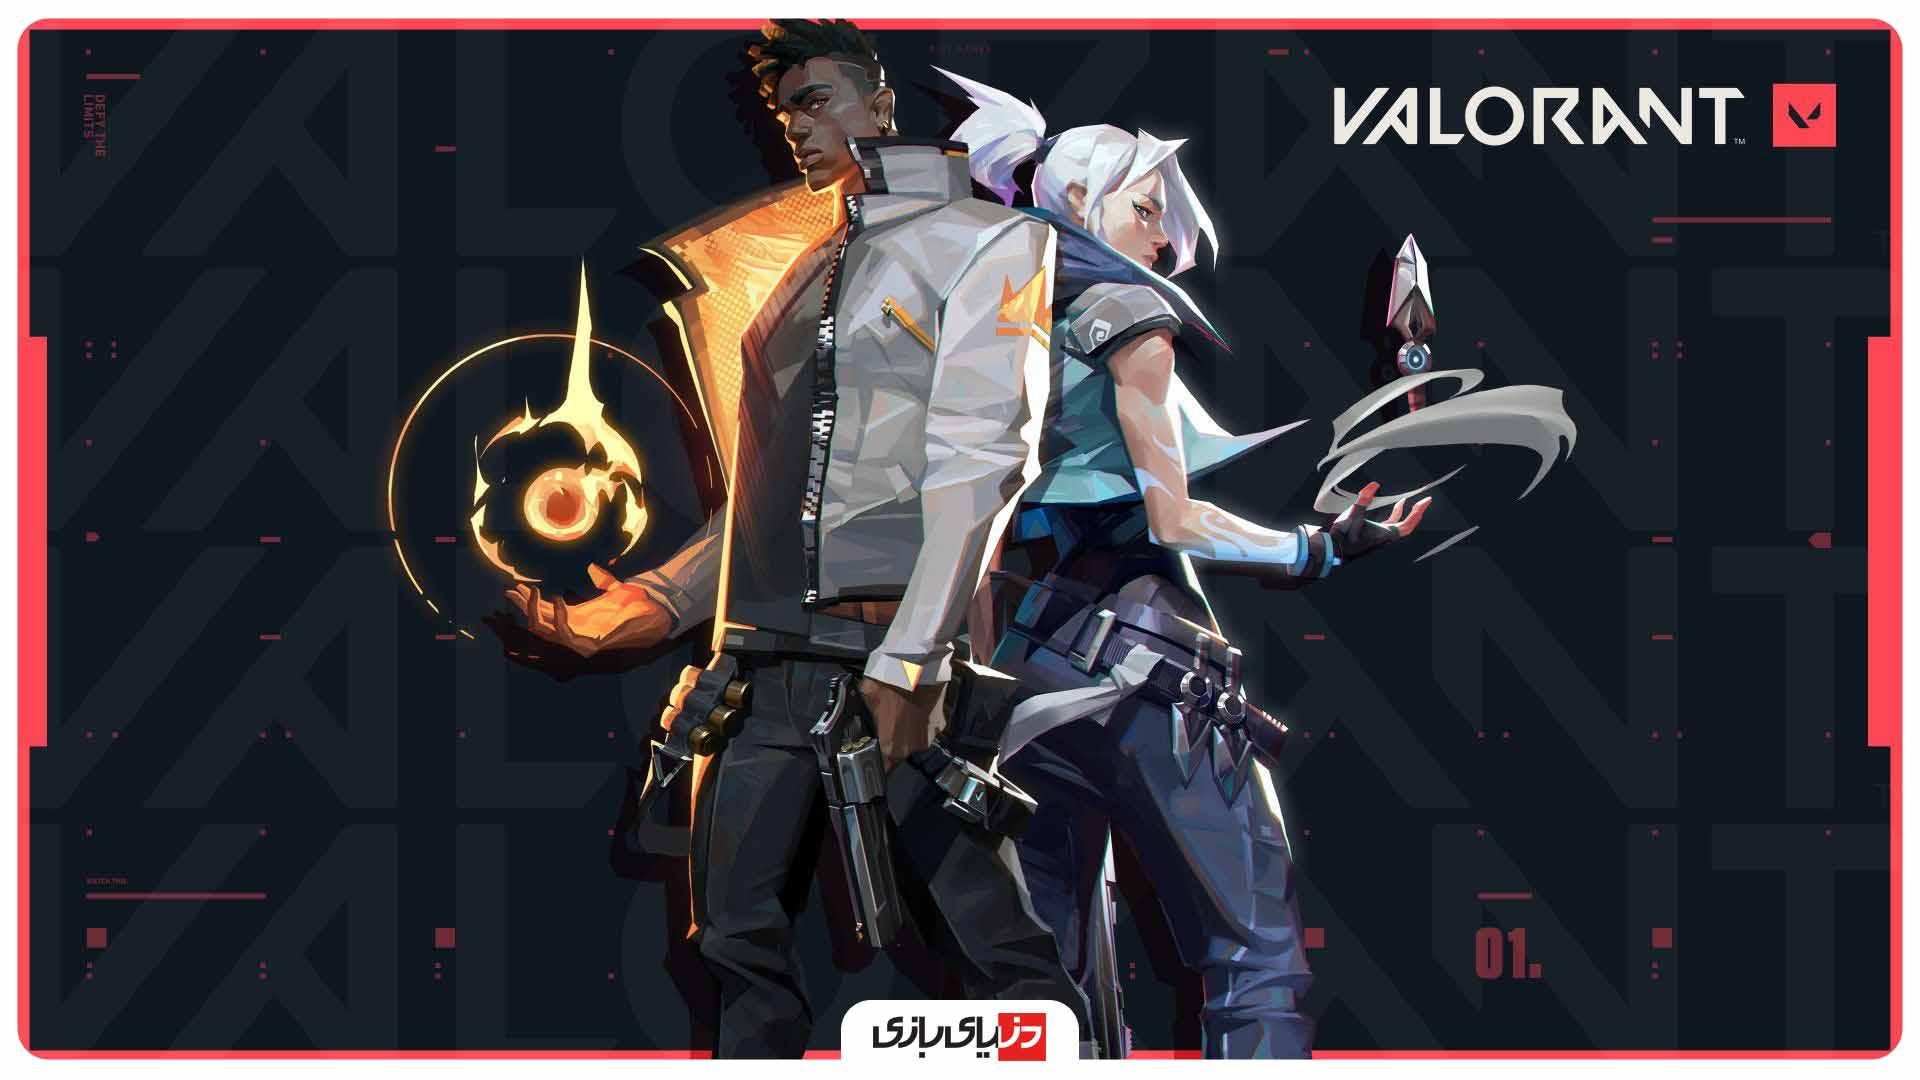 بهترین بازی ها از نظر IGN – بازی Valorant